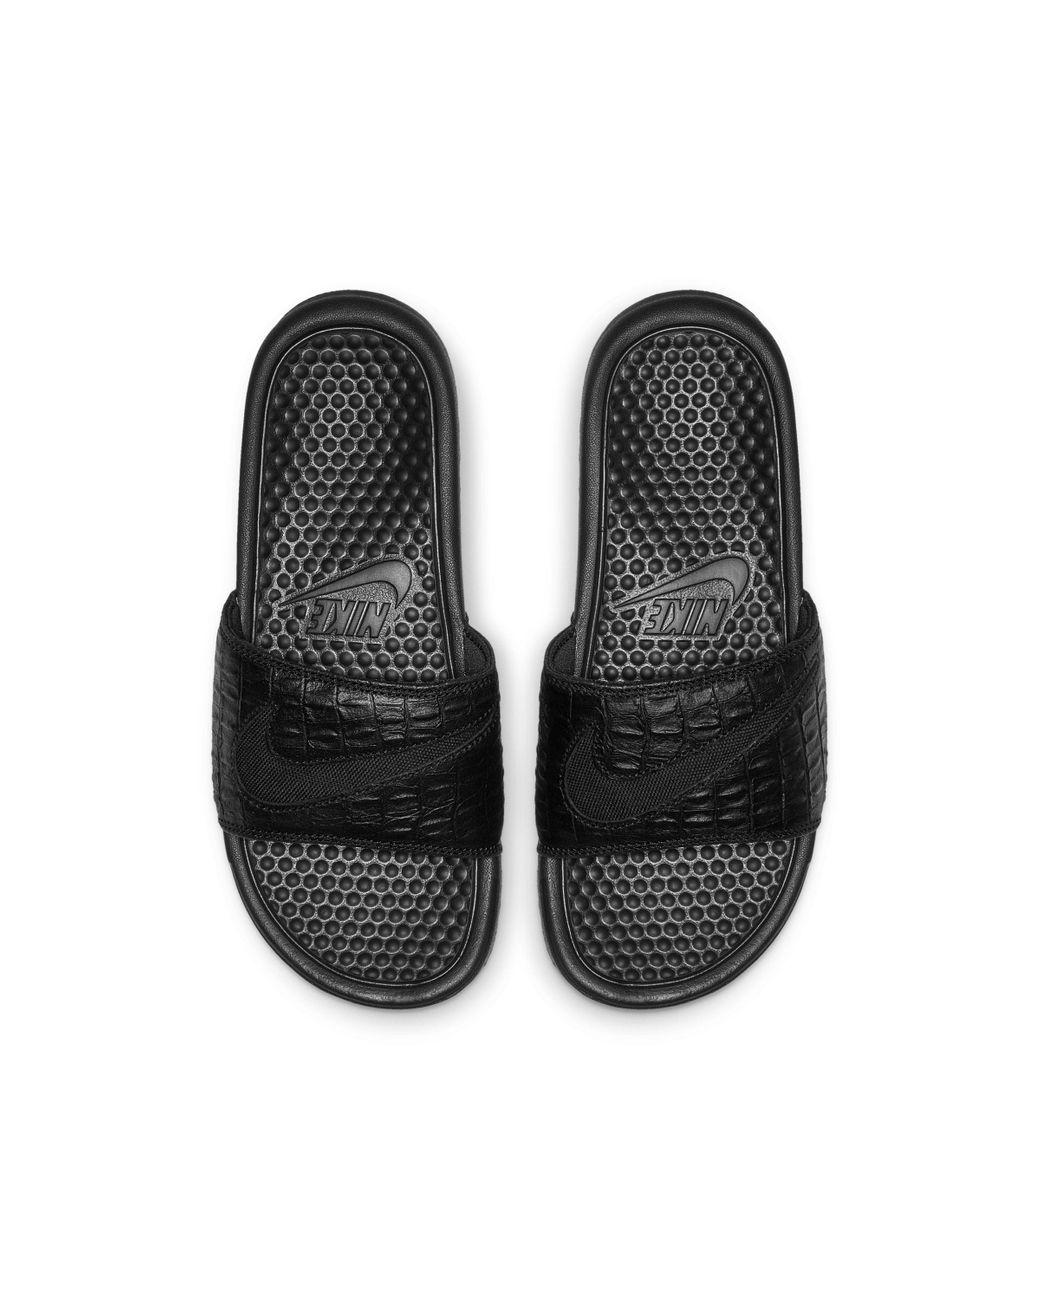 Nike Benassi Jdi Floral Damen Badeslipper Schwarz Nike in